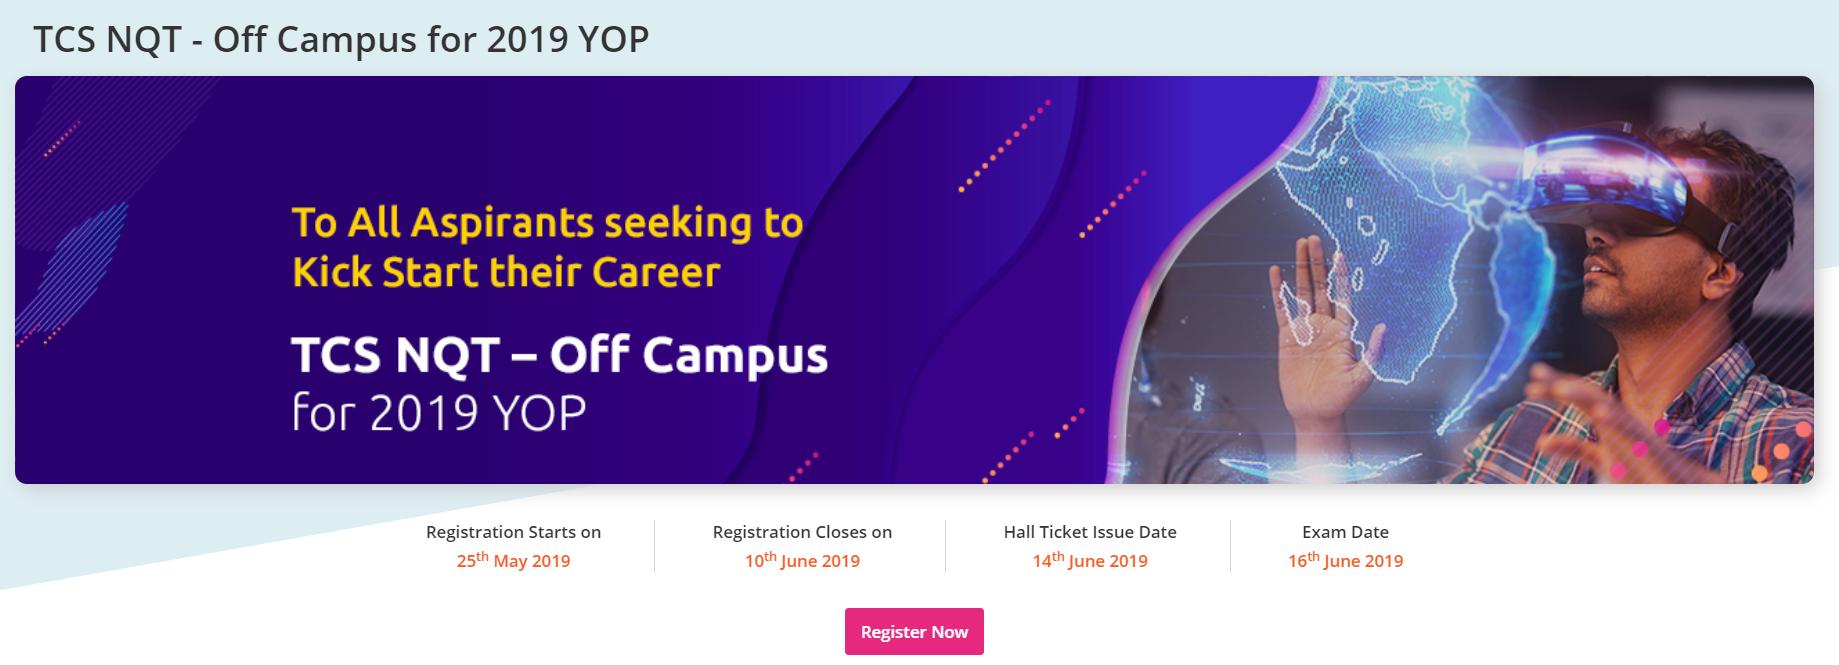 tcs off campus drive 2019 or tcs nqt 2019